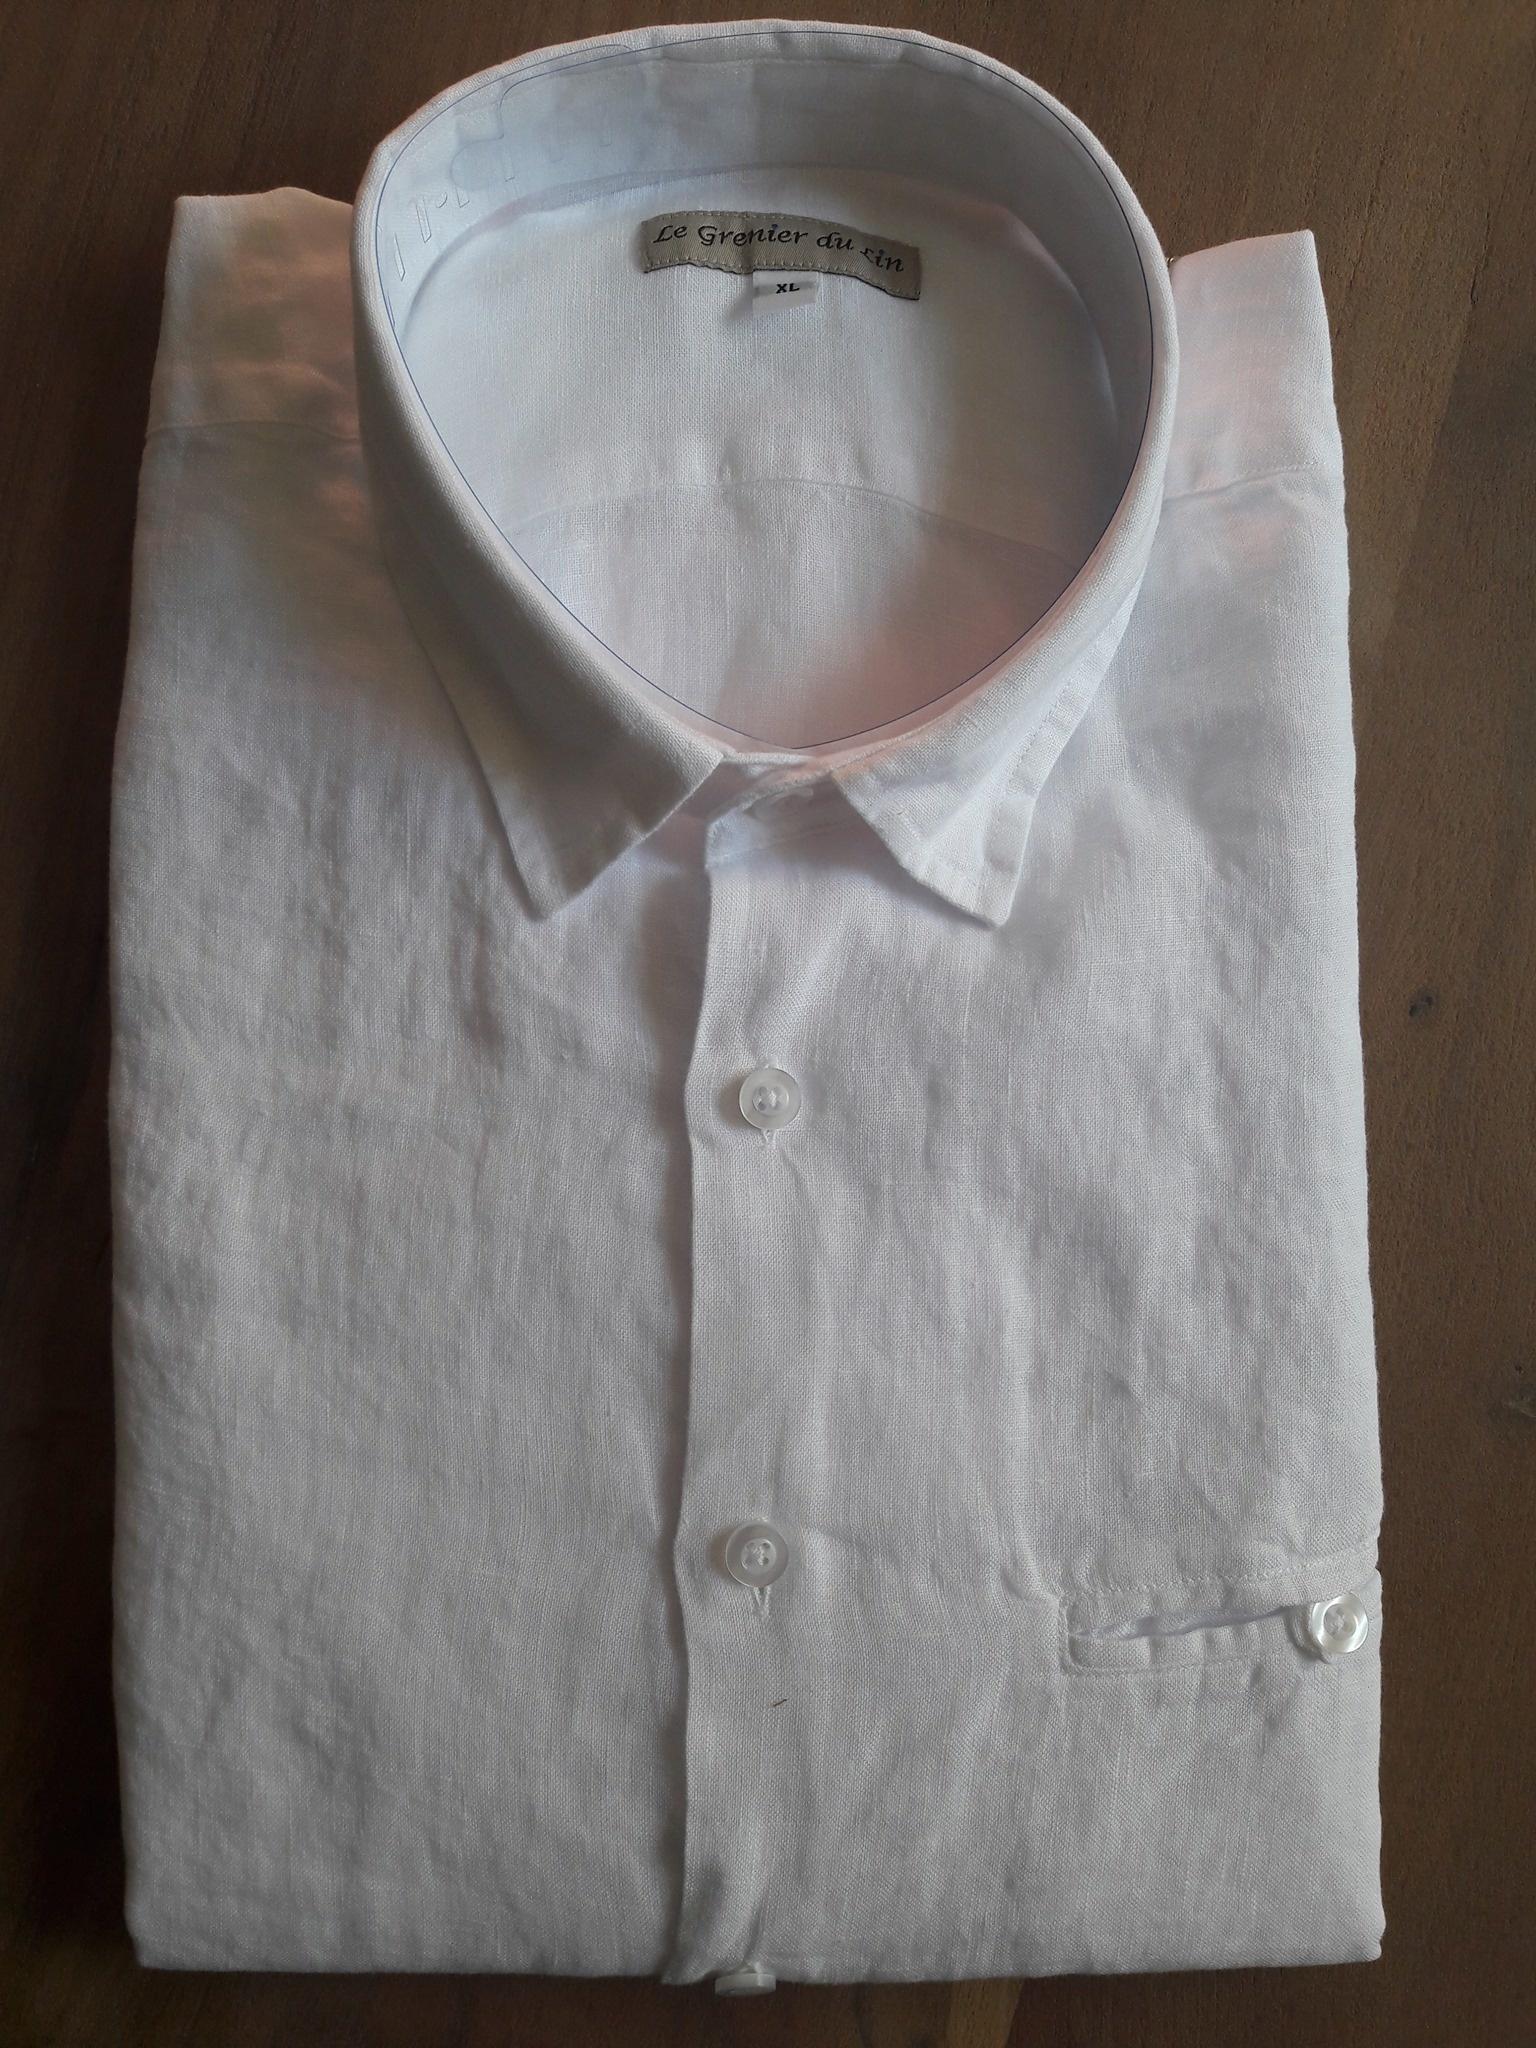 Le grenier du lin Wood white slim-fitted linen shirt